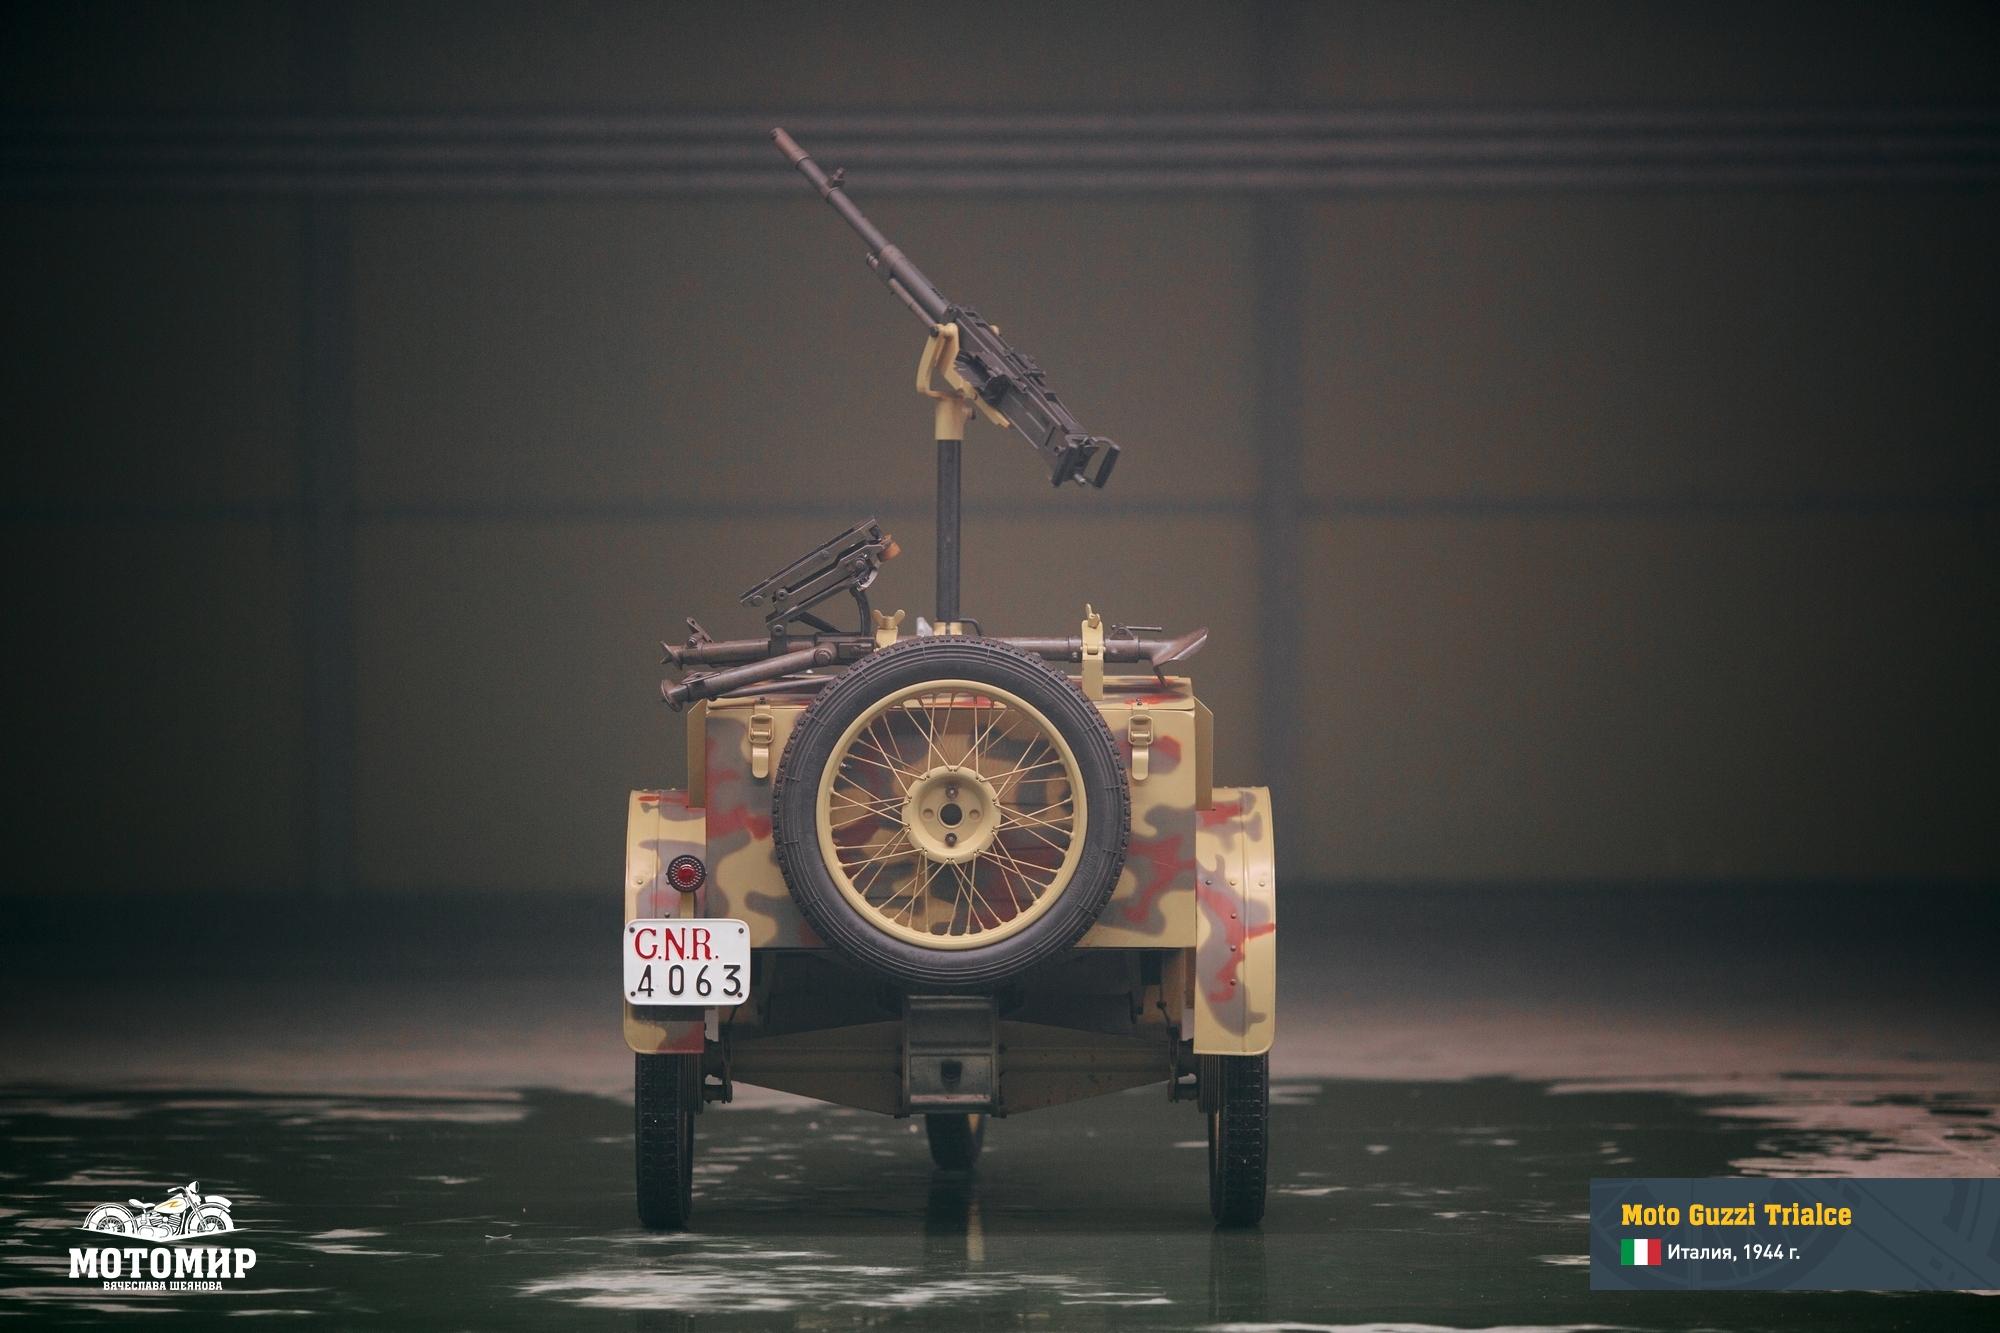 moto-guzzi-trialce-201502-web-09